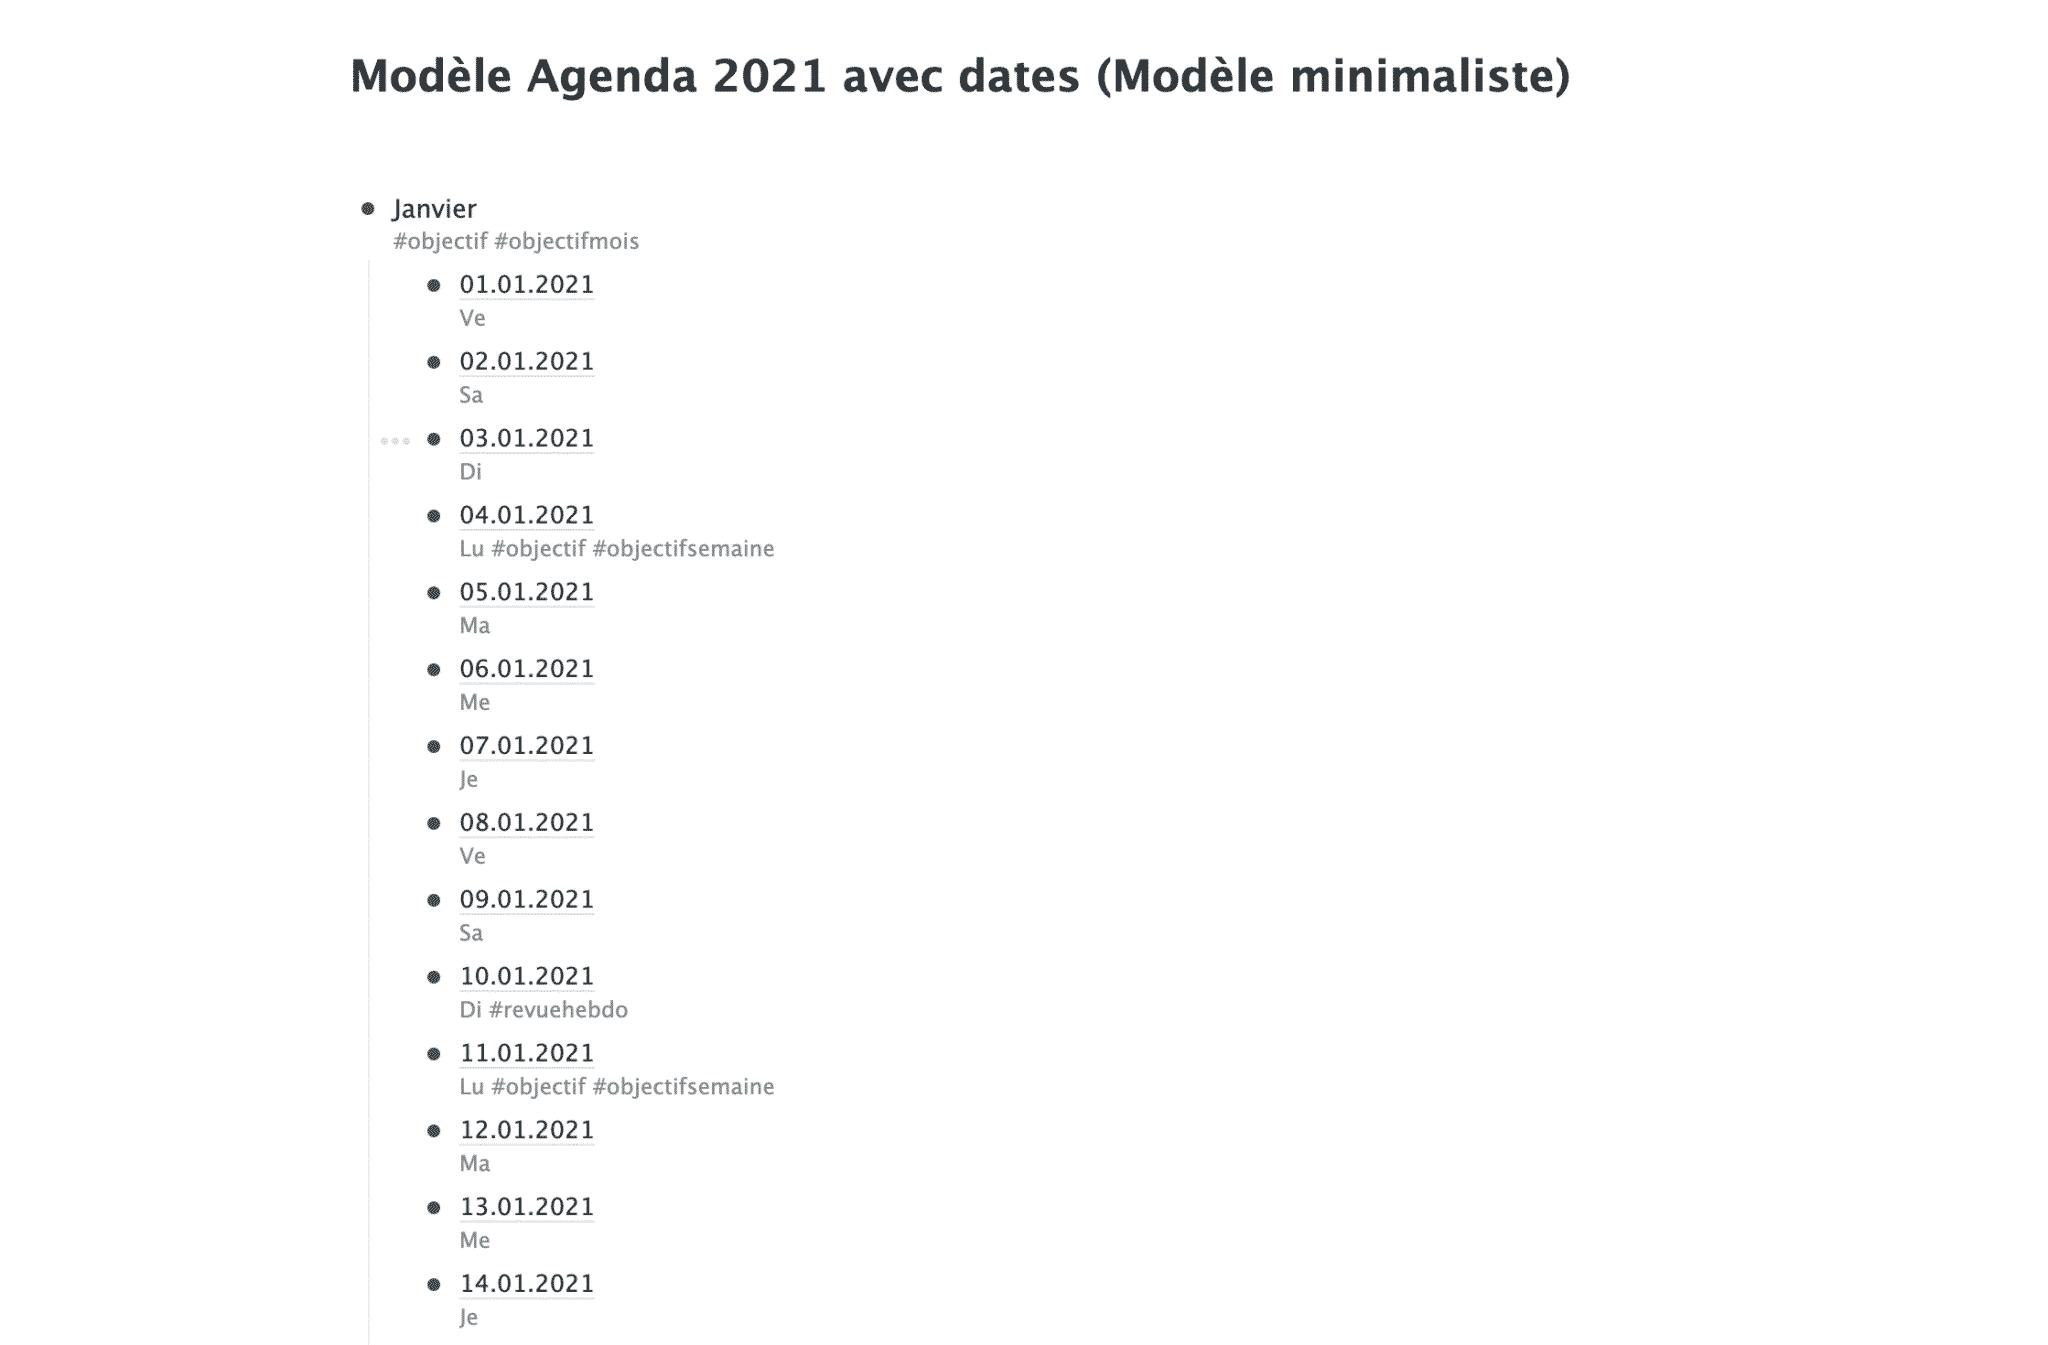 Agenda workflowy 2021